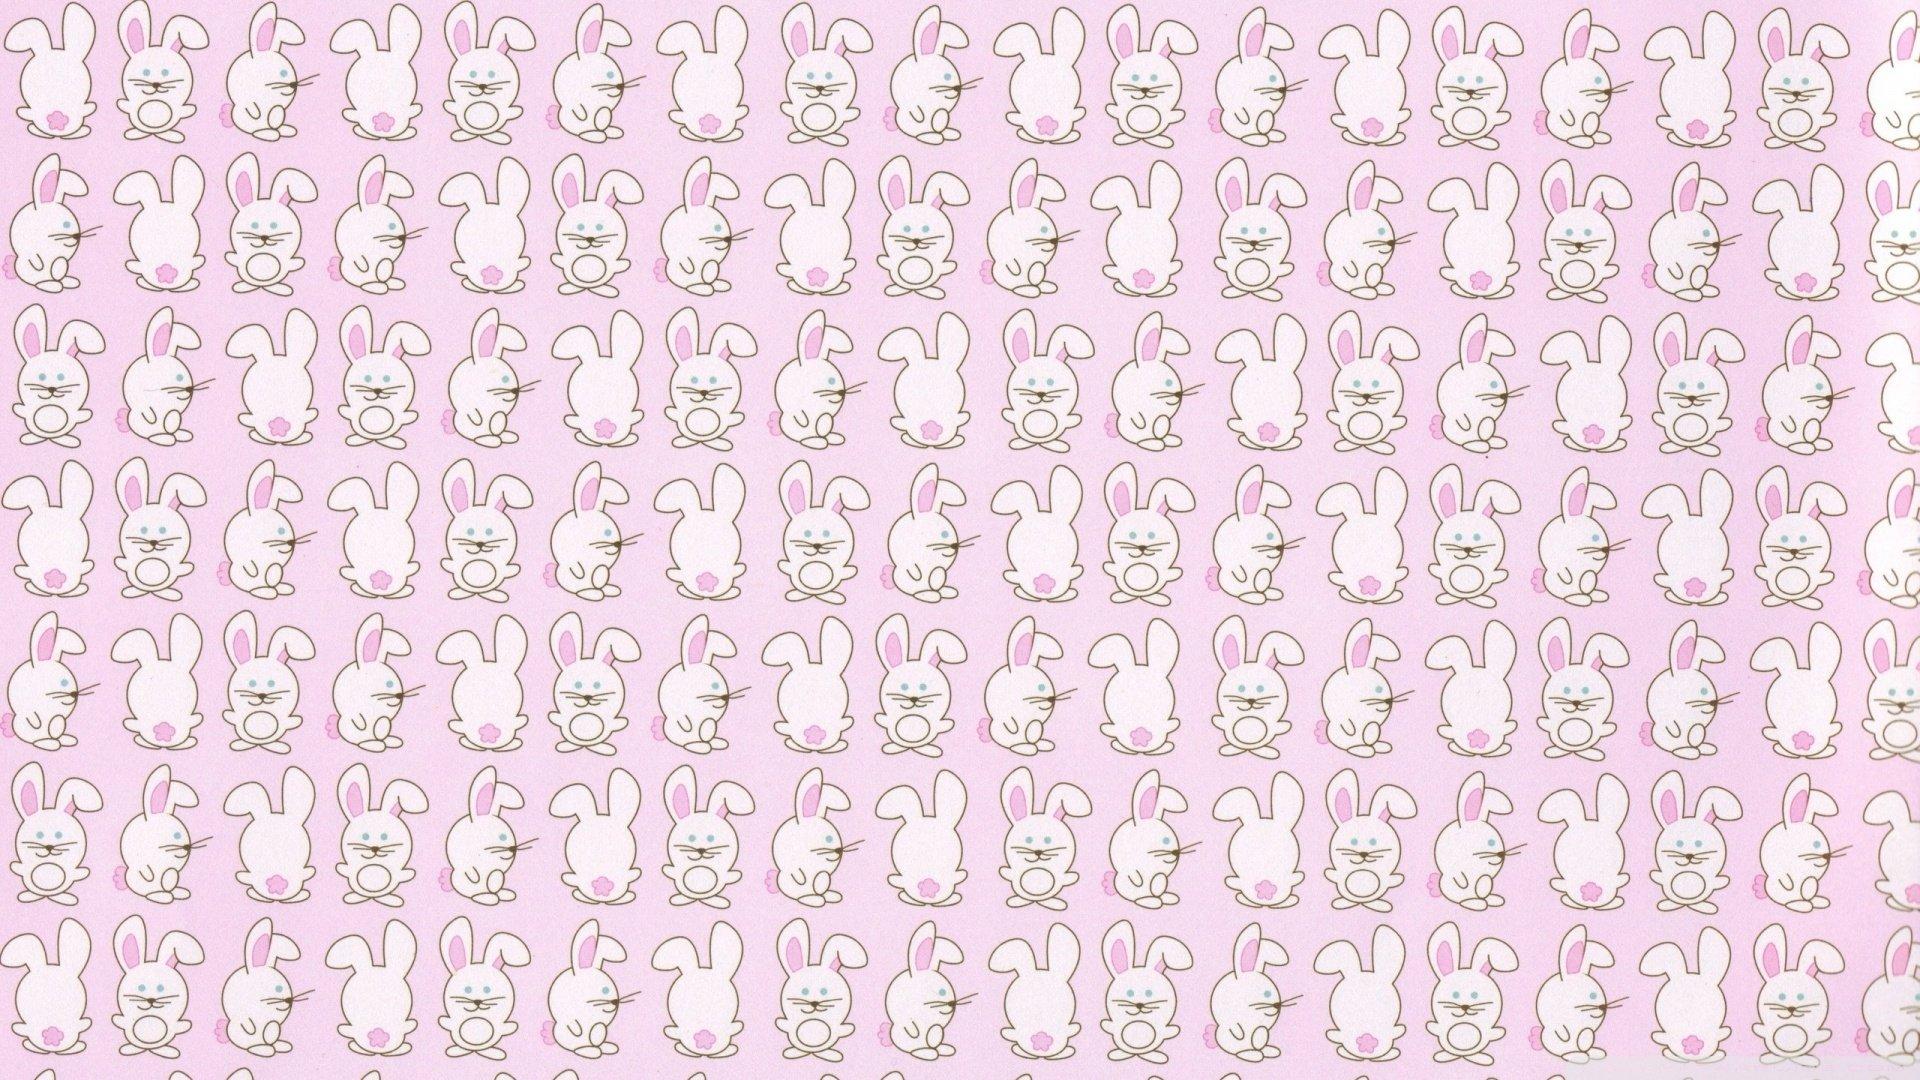 Pastel Kawaii Wallpaper Image